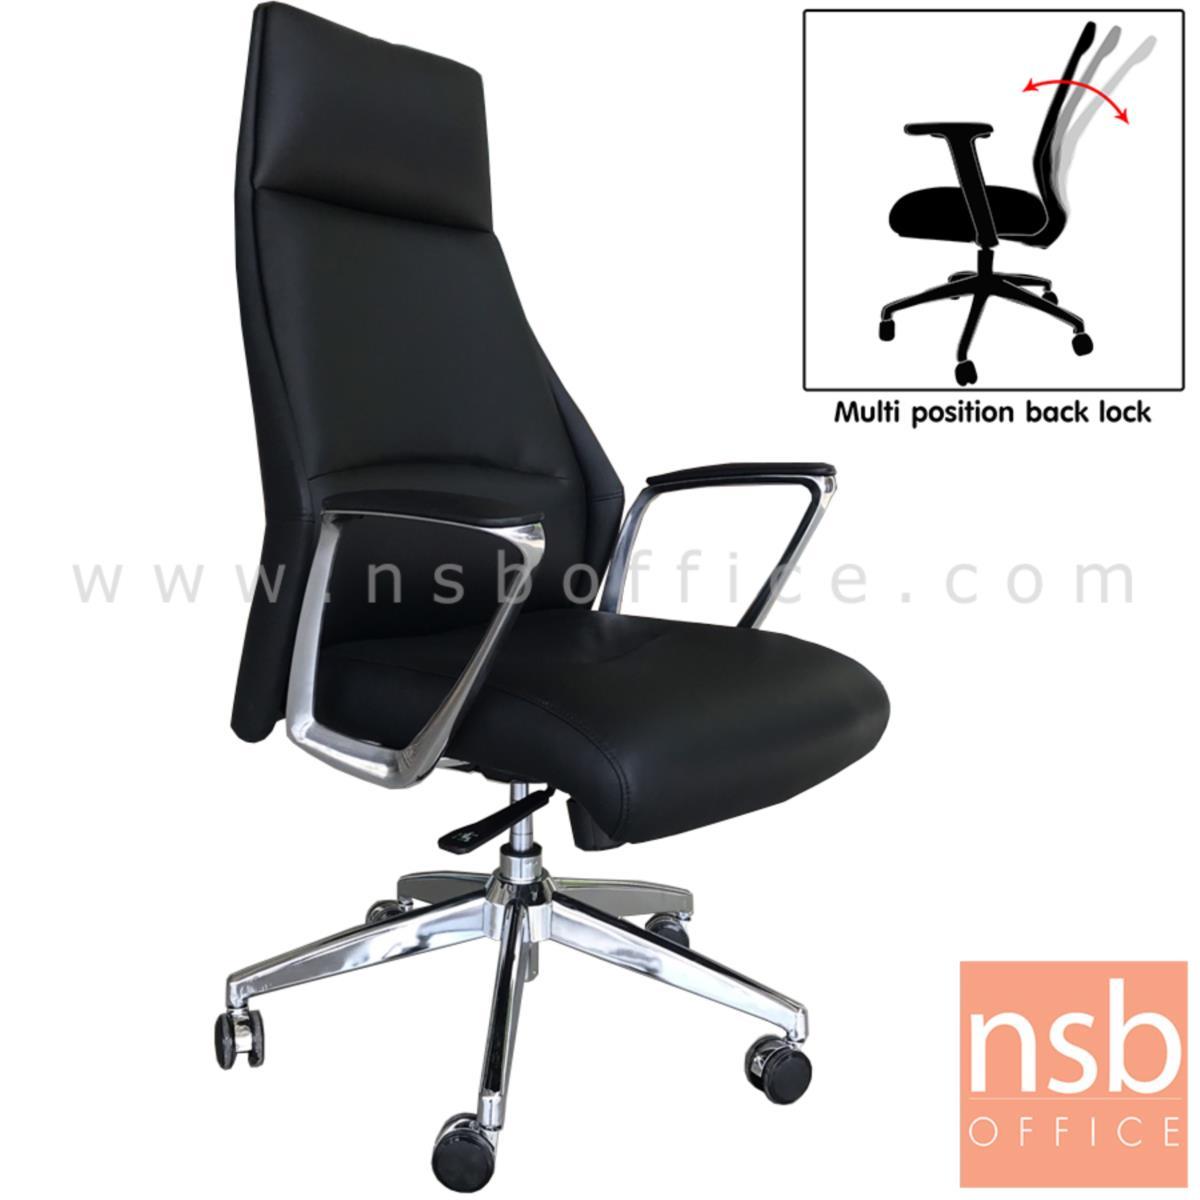 B01A492:เก้าอี้ผู้บริหารหนังแท้ รุ่น SENDAI (เซนได)  มีก้อนโยก ขาอลูมินั่มอัลลอย